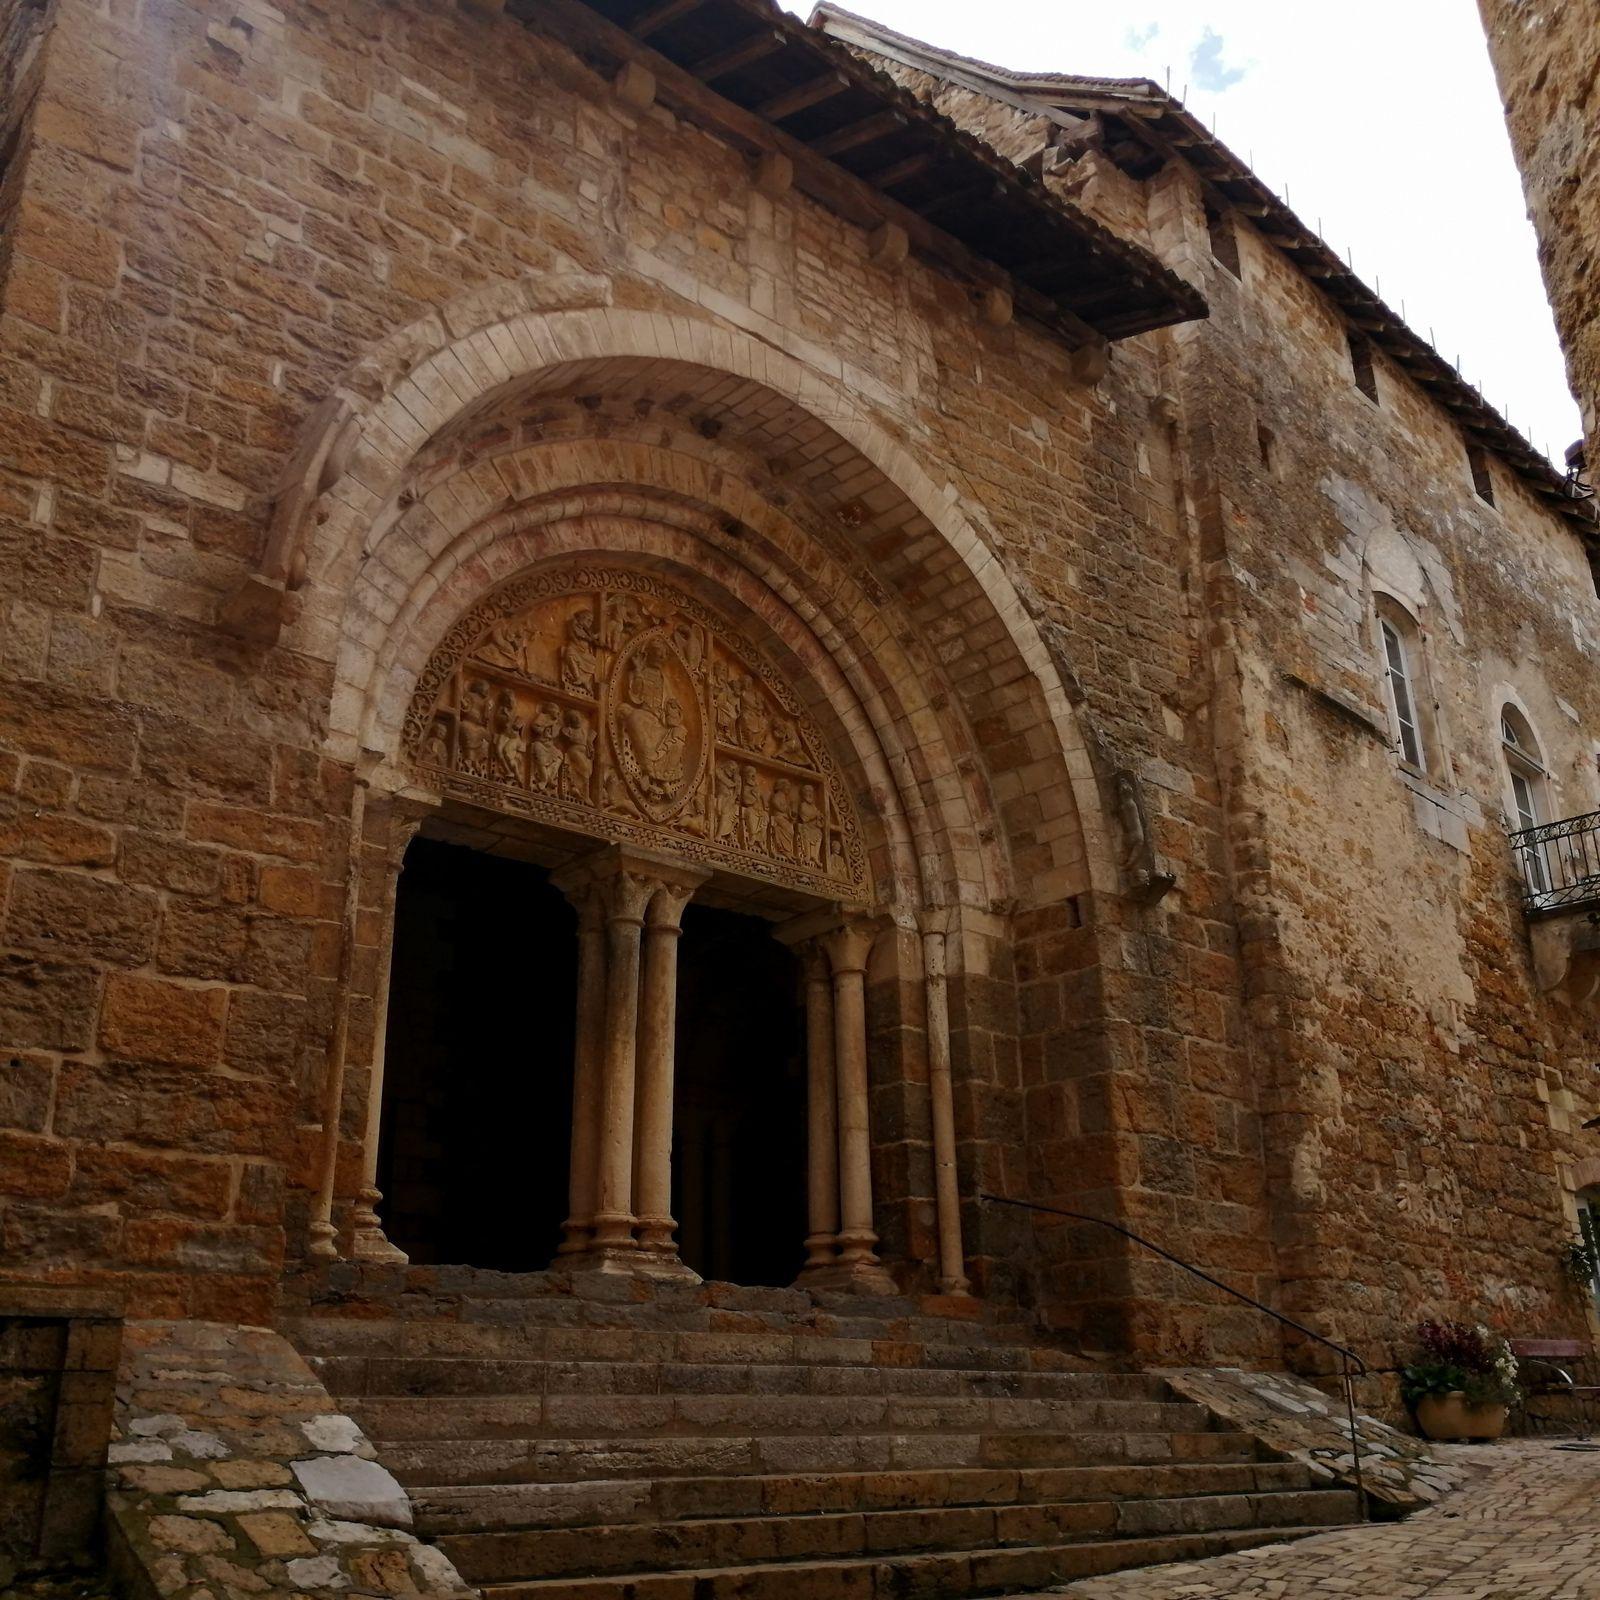 Cajasse quercynoise aux reines claudes - balade quercynoise à Carennac plus beau village de France